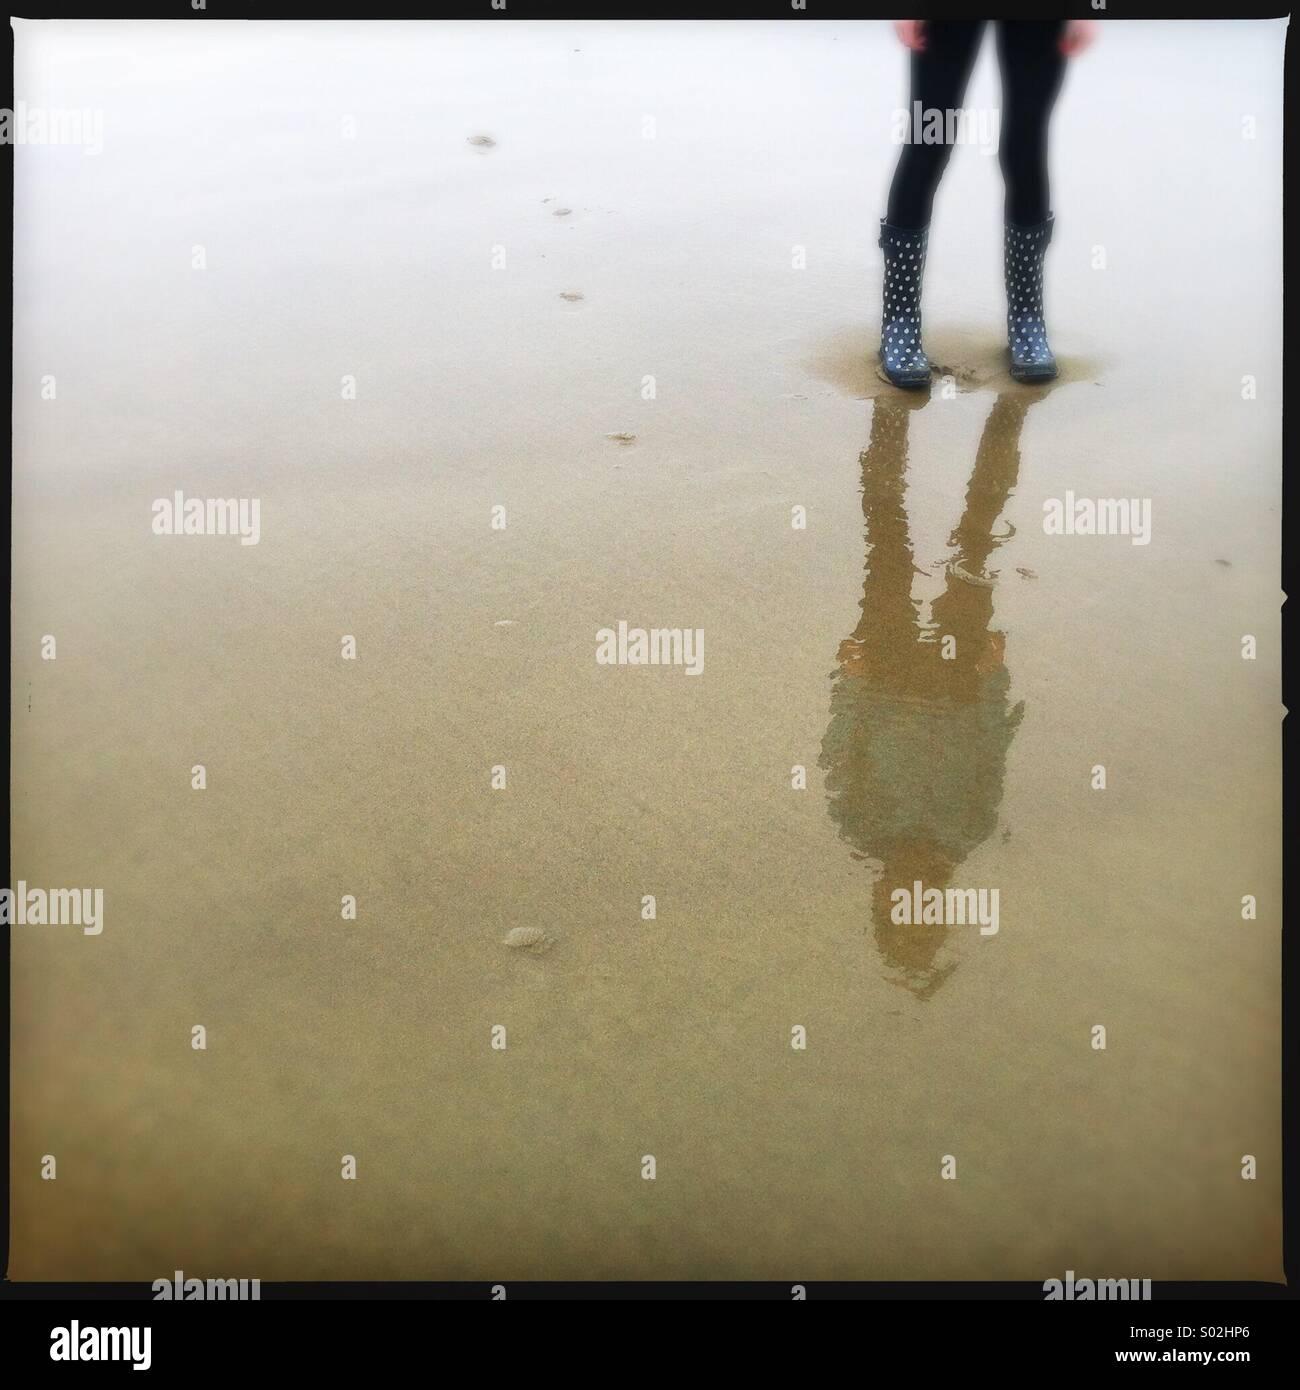 La riflessione della persona in piedi sulla sabbia bagnata Immagini Stock